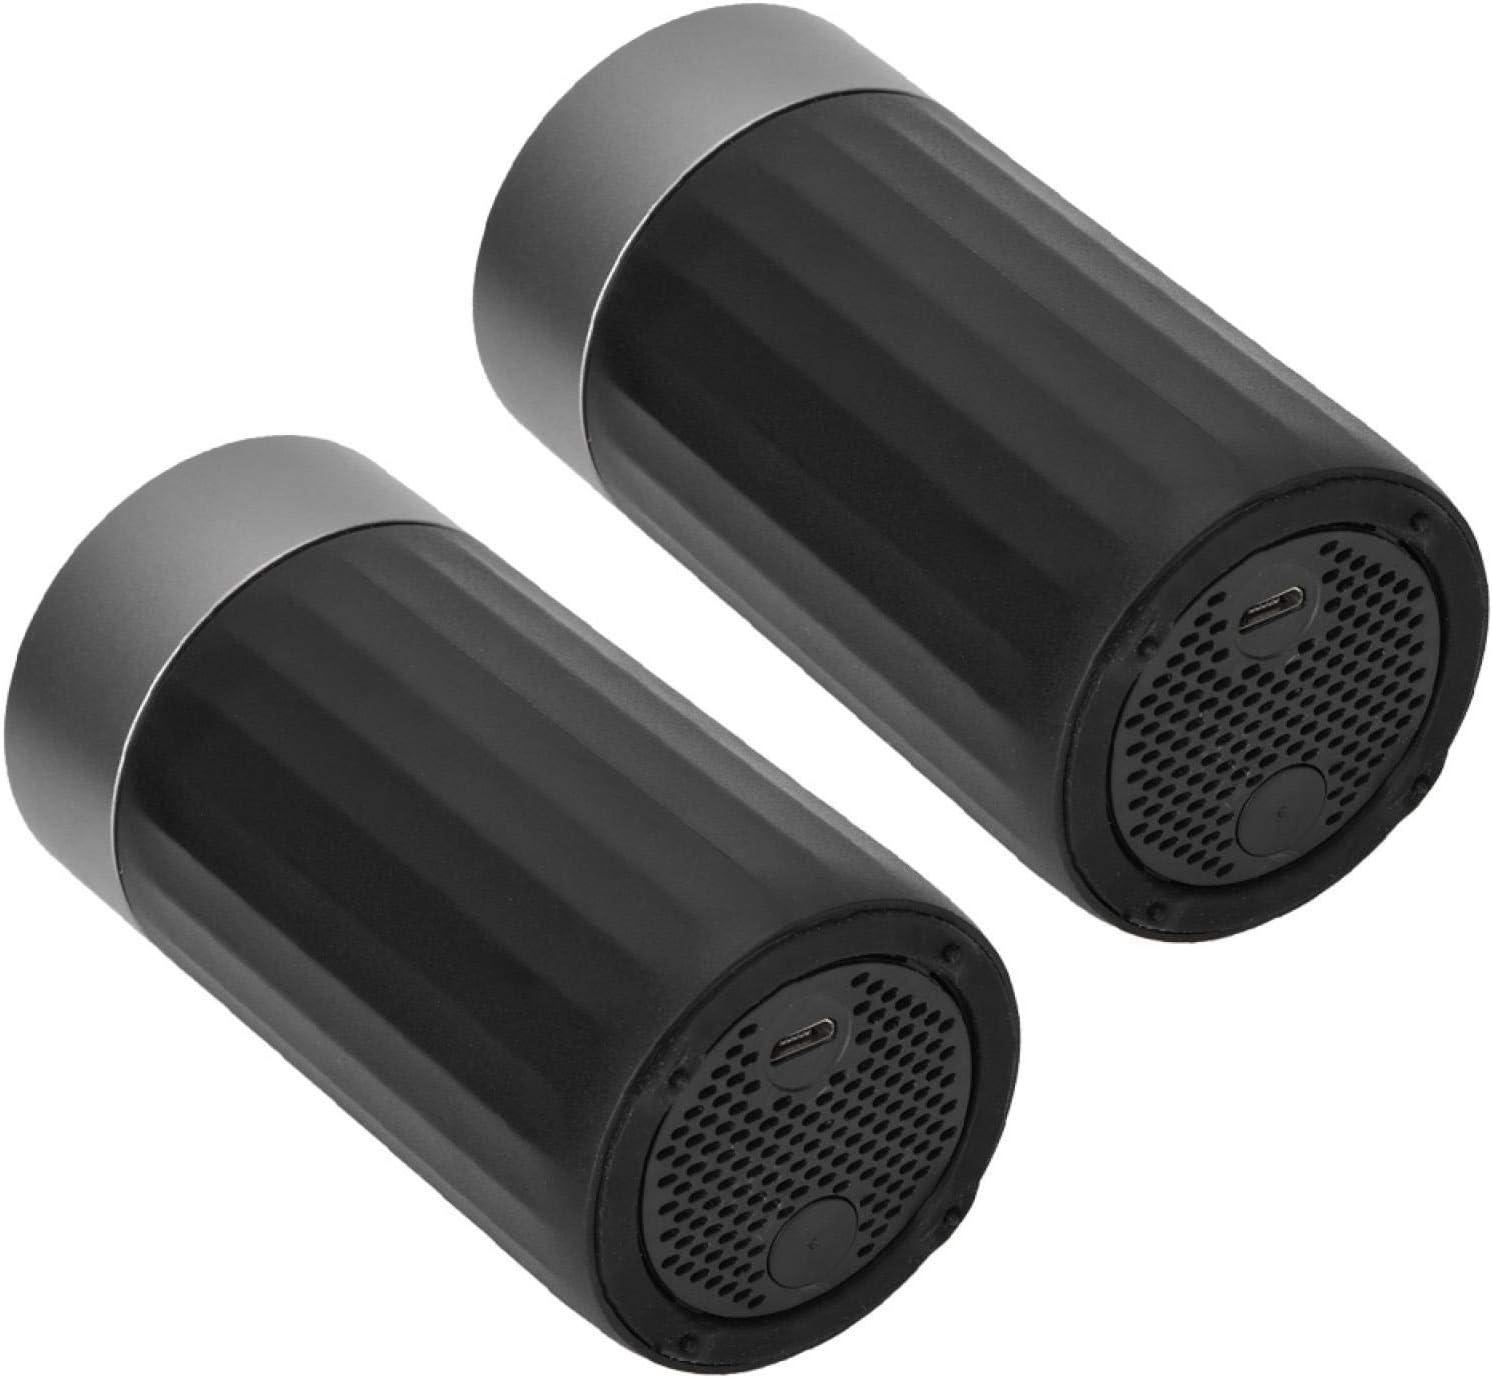 Jacksing Mini Speaker Speake Rechargeable Portable online shop latest